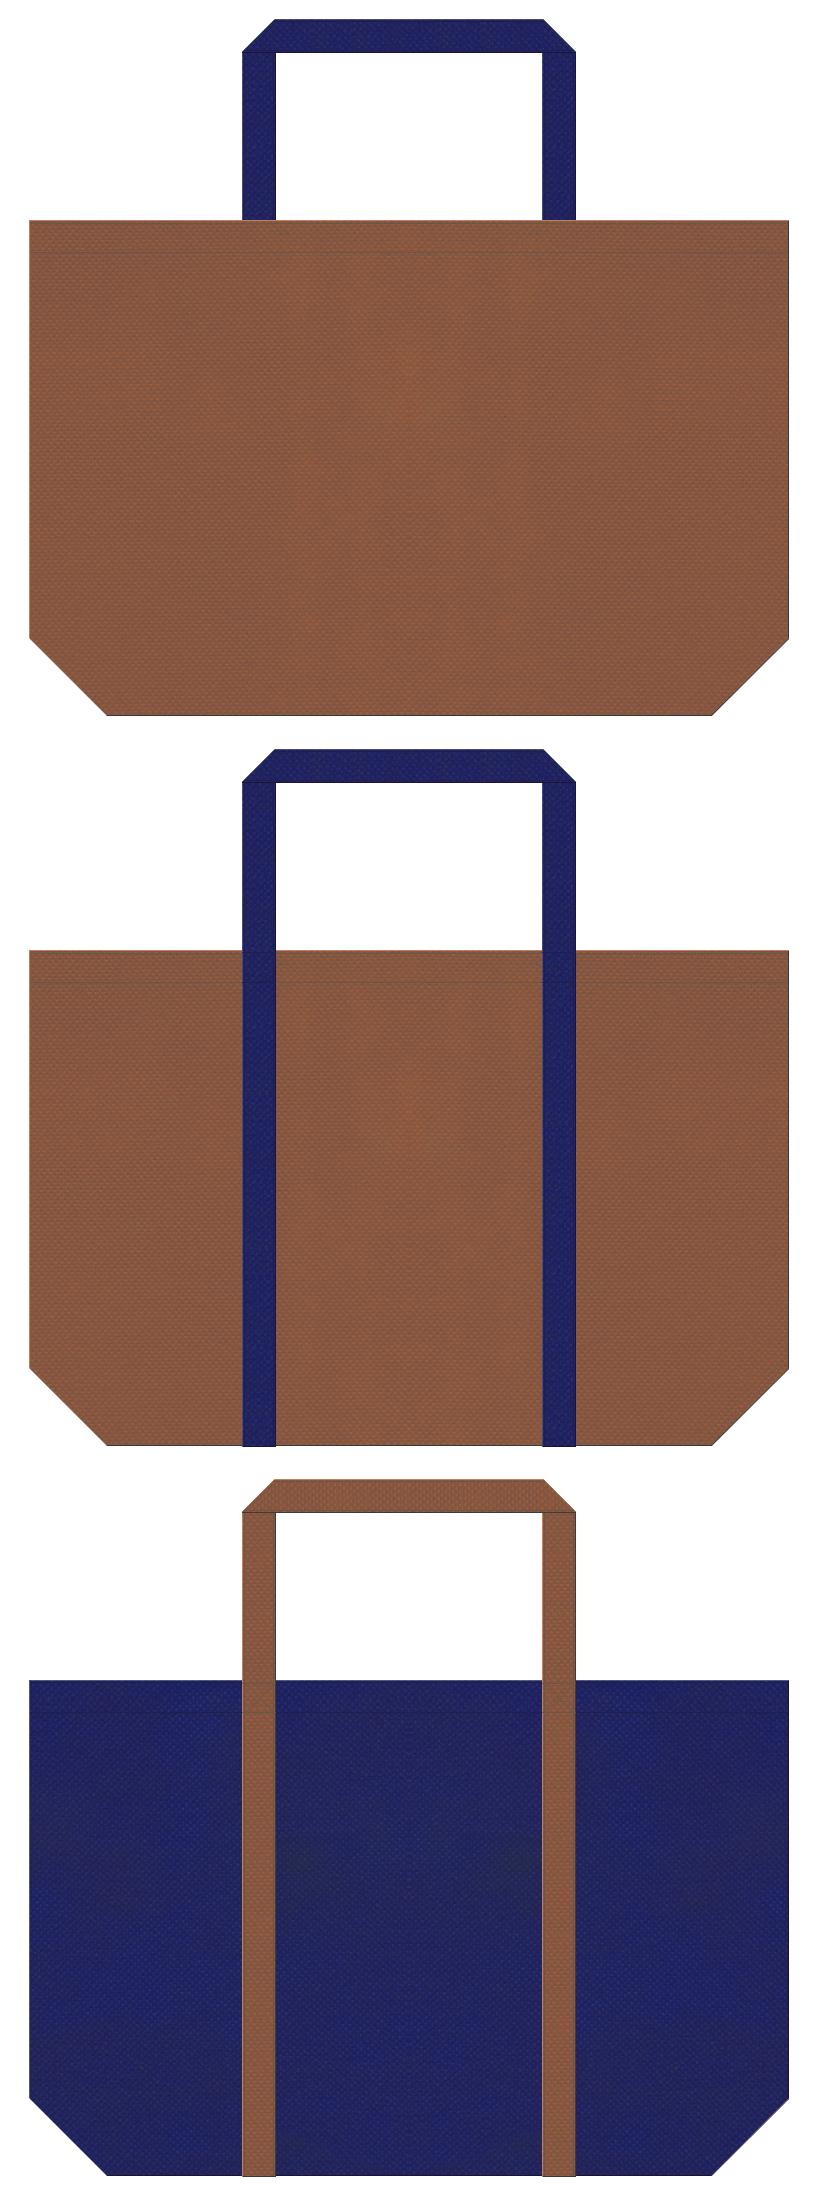 茶色と明るい紺色の不織布ショッピングバッグデザイン。